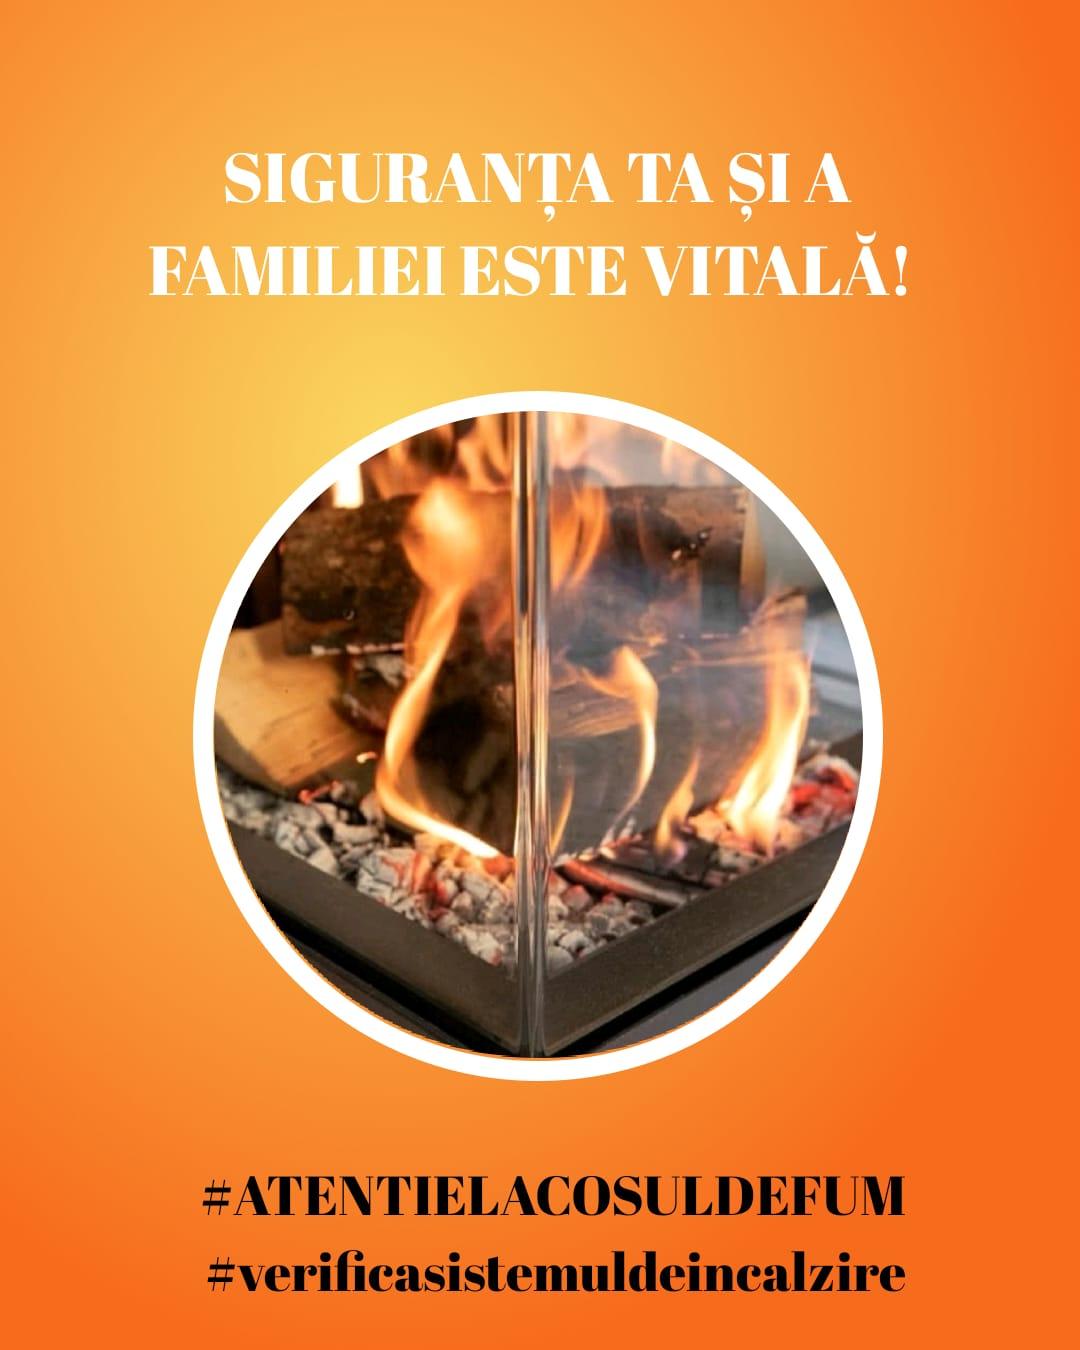 ATENȚIE LA COȘUL DE FUM! – Săptămâna prevenirii incendiilor